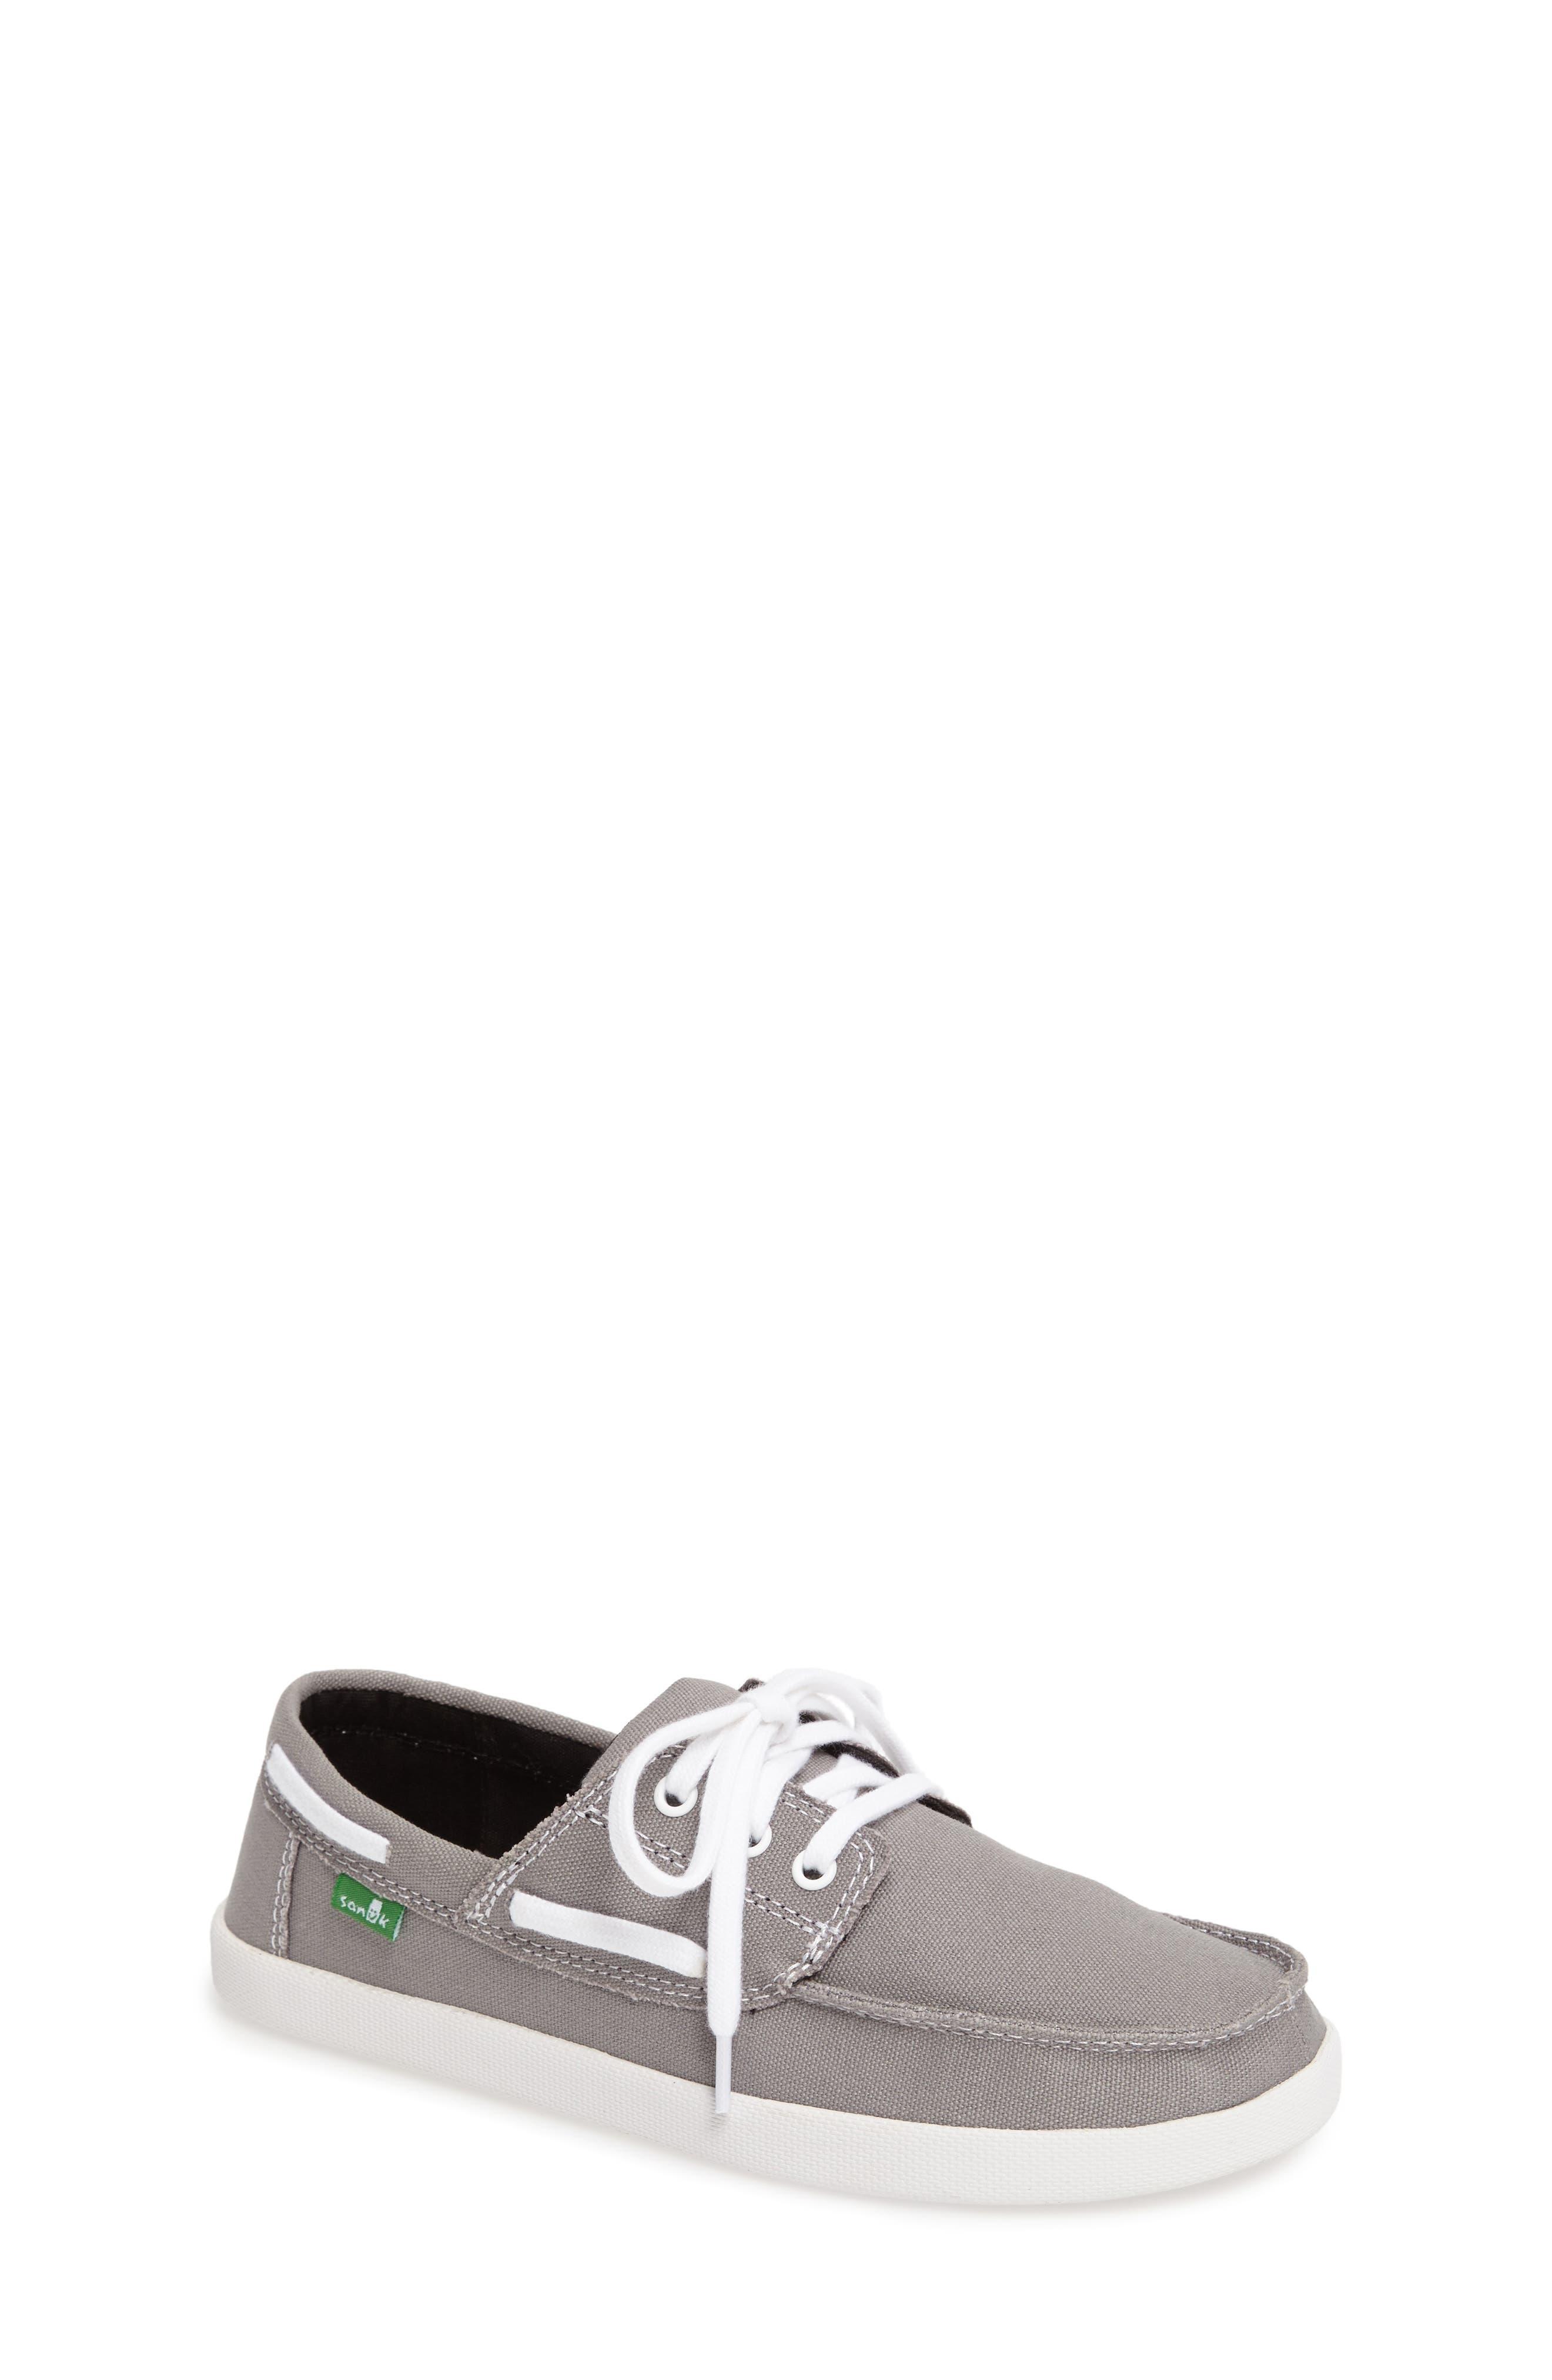 SANUK Lil Deck Hand Slip-On Sneaker